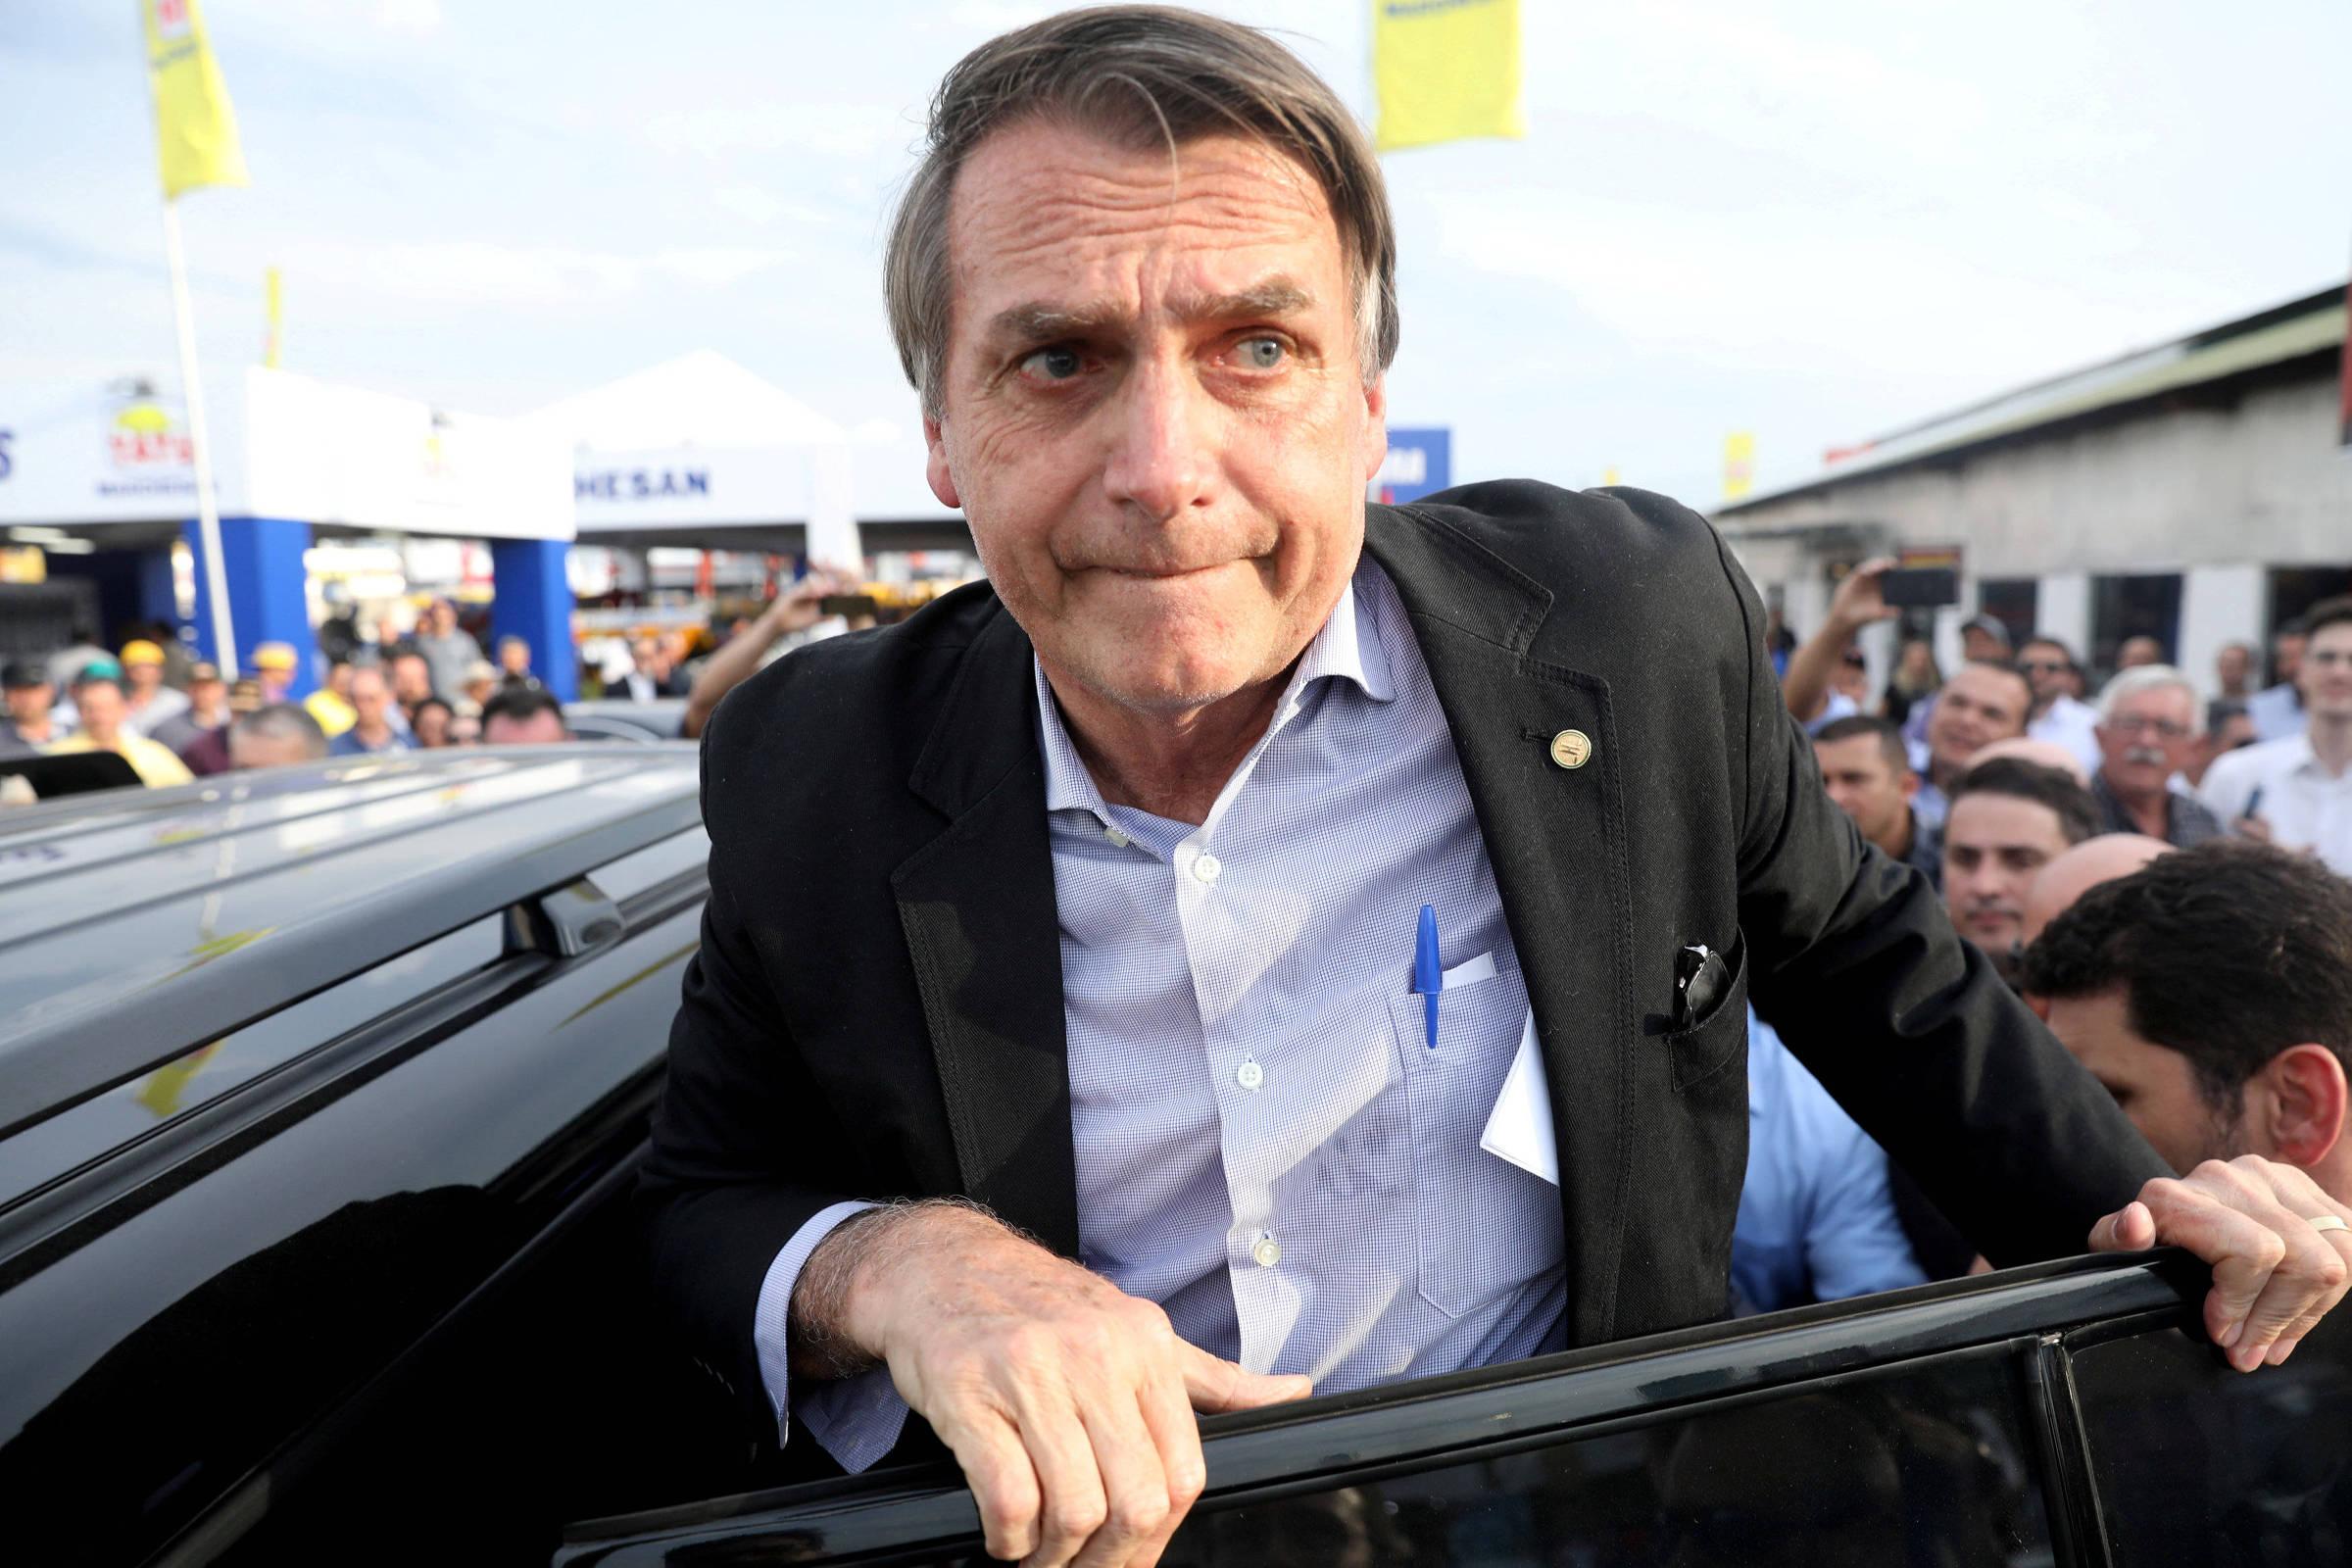 088d2692a5 Repúdio a Bolsonaro expõe participação de torcidas nas eleições -  28 09 2018 - Esporte - Folha